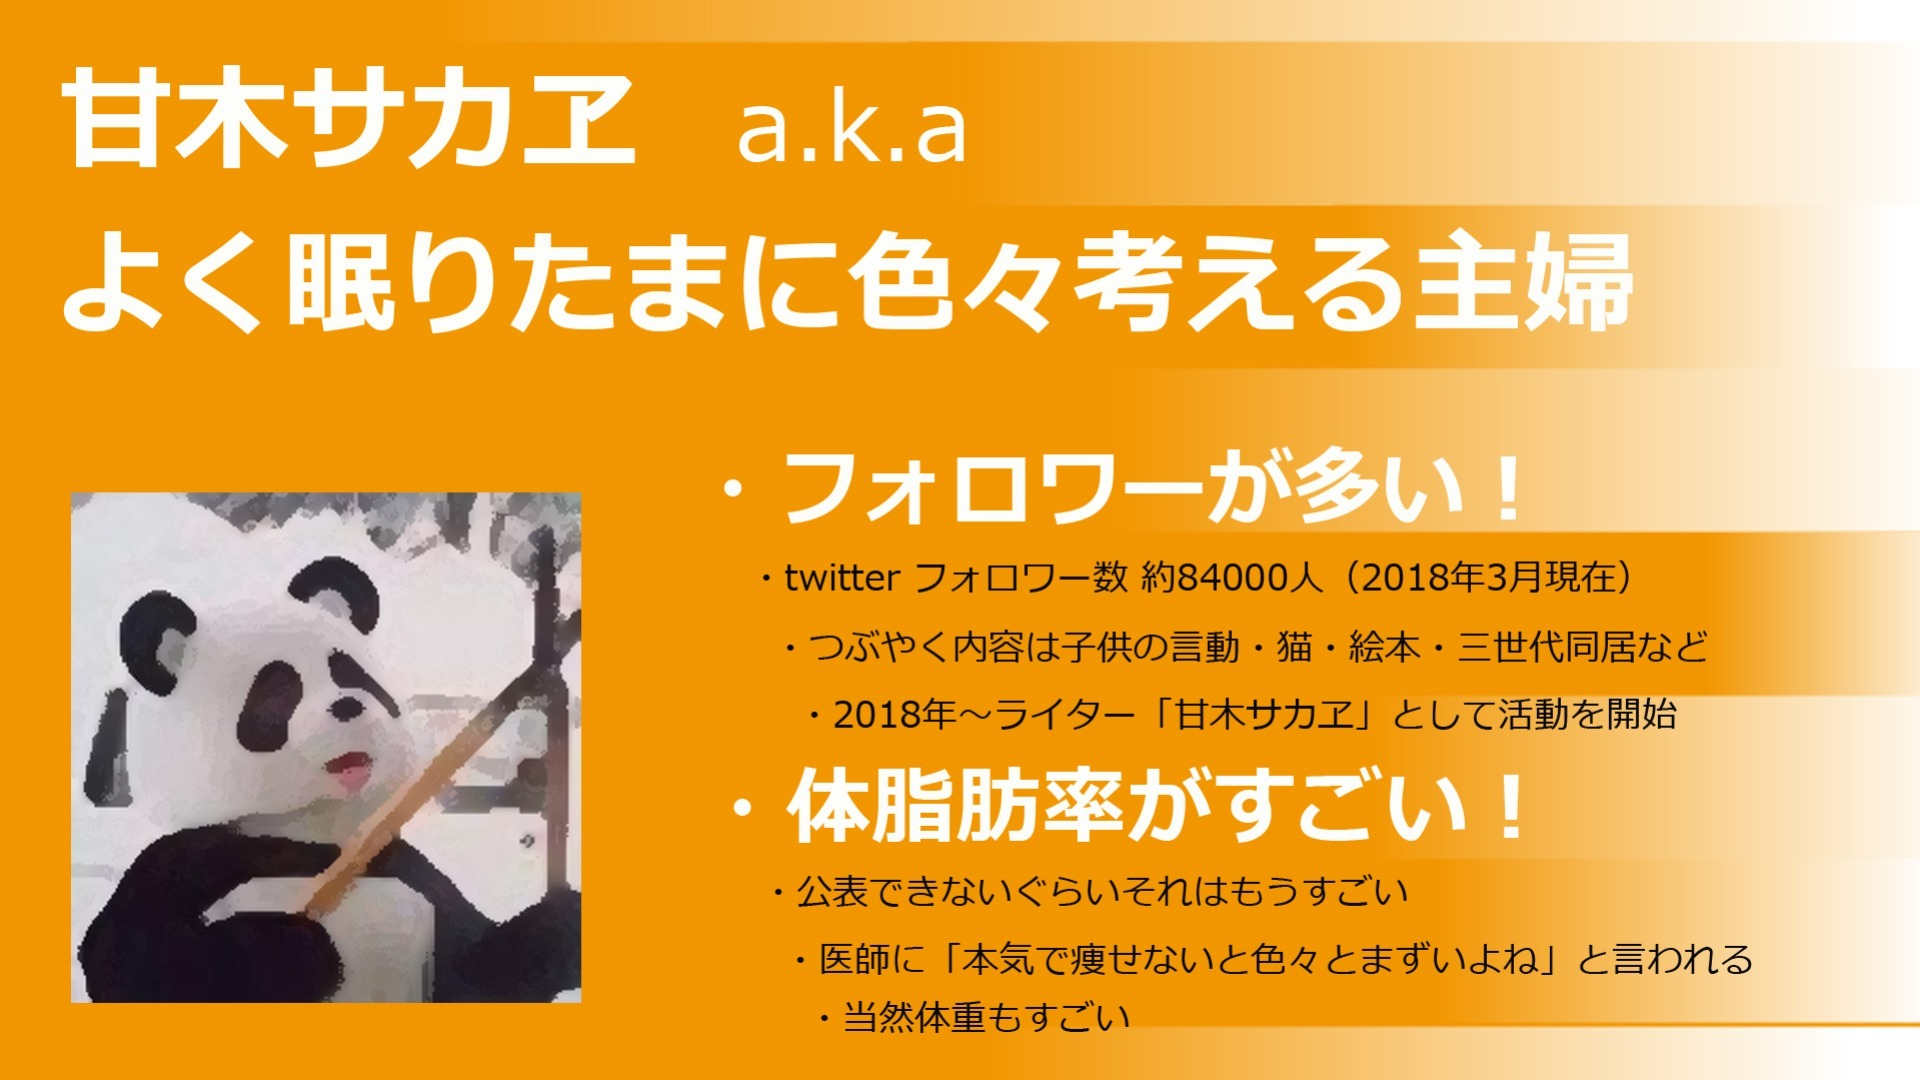 甘木サカヱ a.k.a よく眠りたまに色々考える主婦